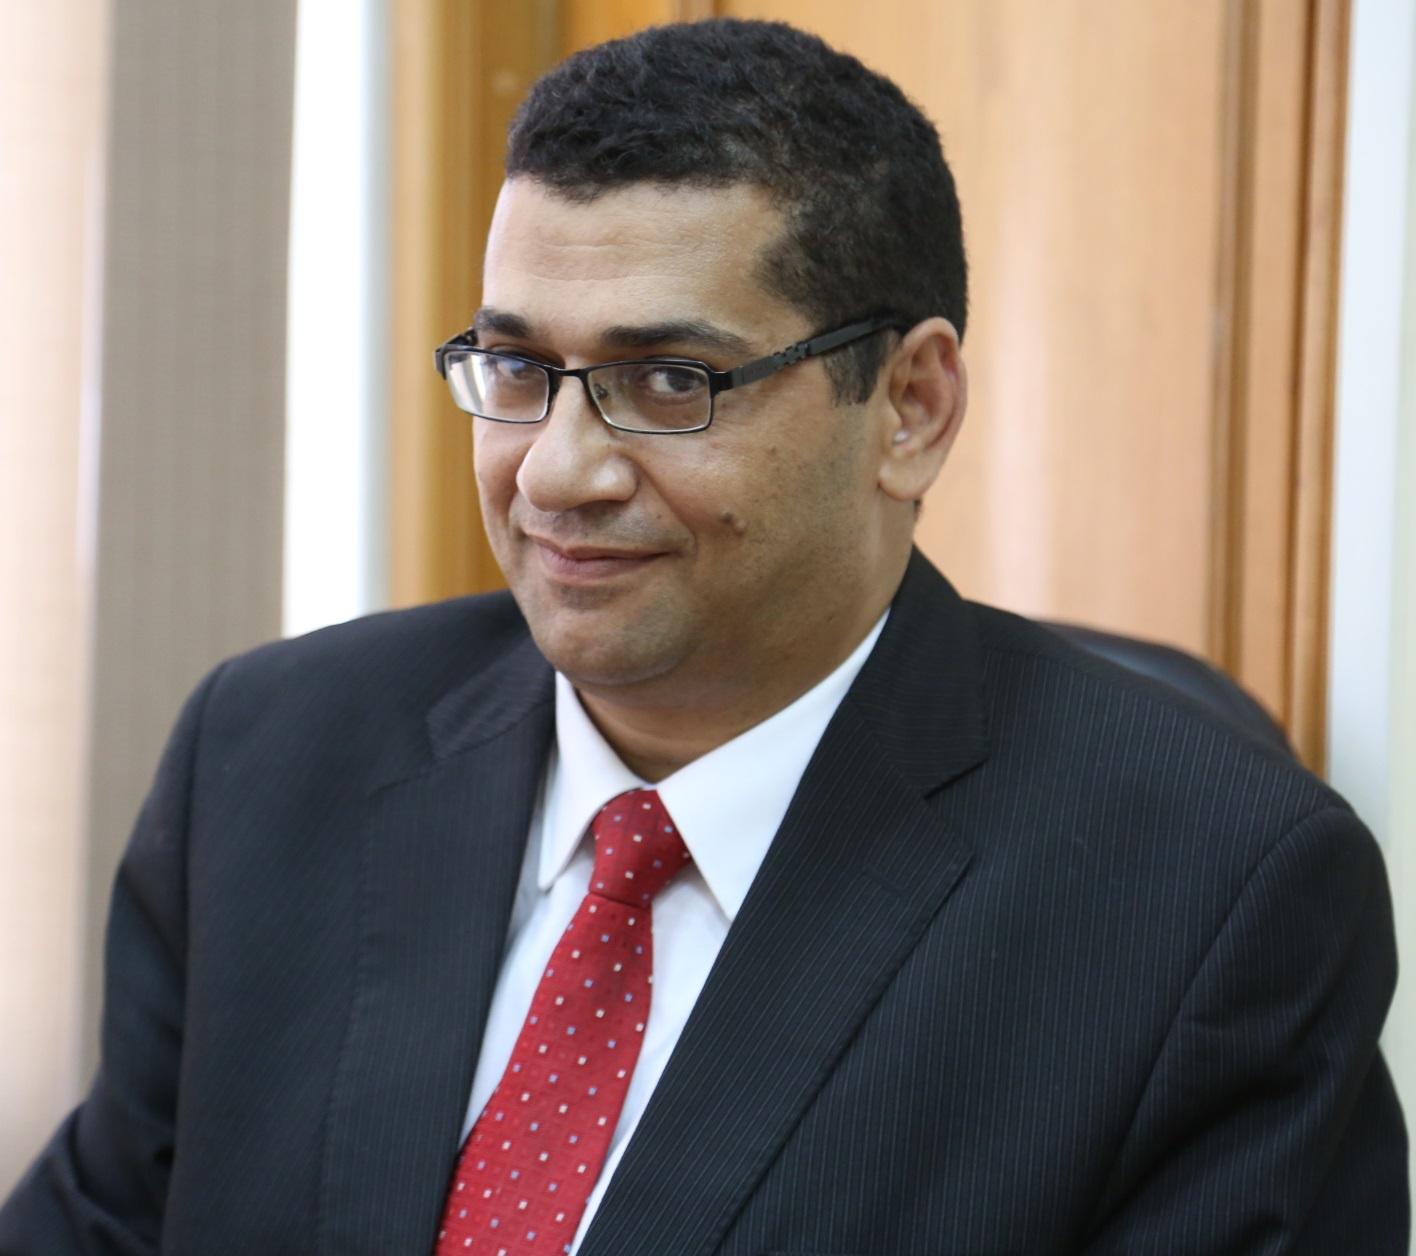 الداعية الإسلامي الدكتور أحمد علي سليمان يحذر عبر برنامج (الإسلام والحياة)من  الآثار الخطيرة للغيبة والنميمة على الفرد والمجتمع